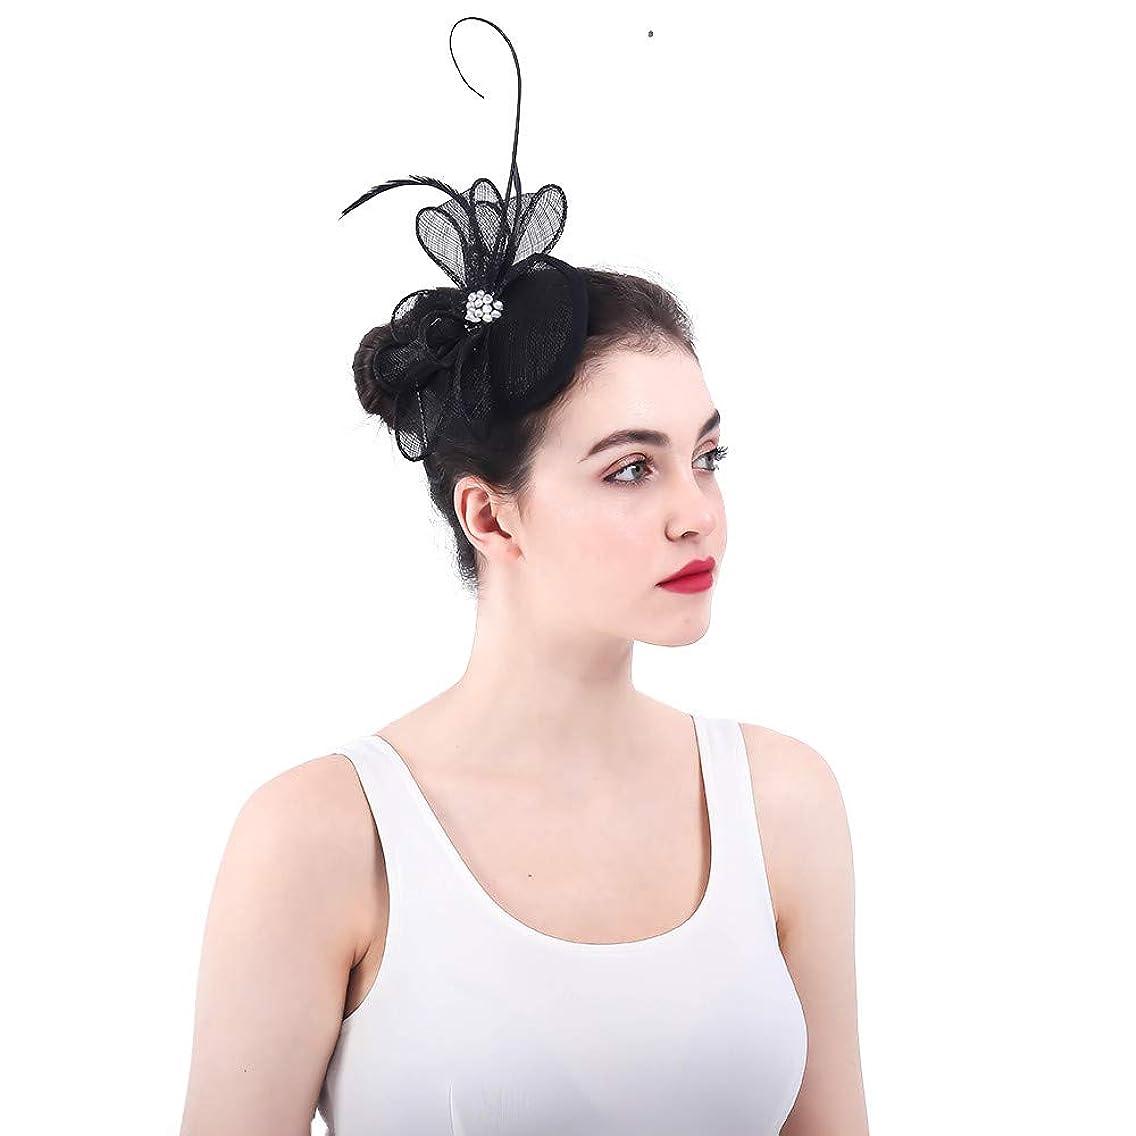 逆ユーモア文字通り女性の魅力的な帽子 女性のエレガントな花の羽の魅惑的な帽子の結婚式の帽子ヘアクリップアクセサリー女性の日レースロイヤルアスコット (色 : ピンク)